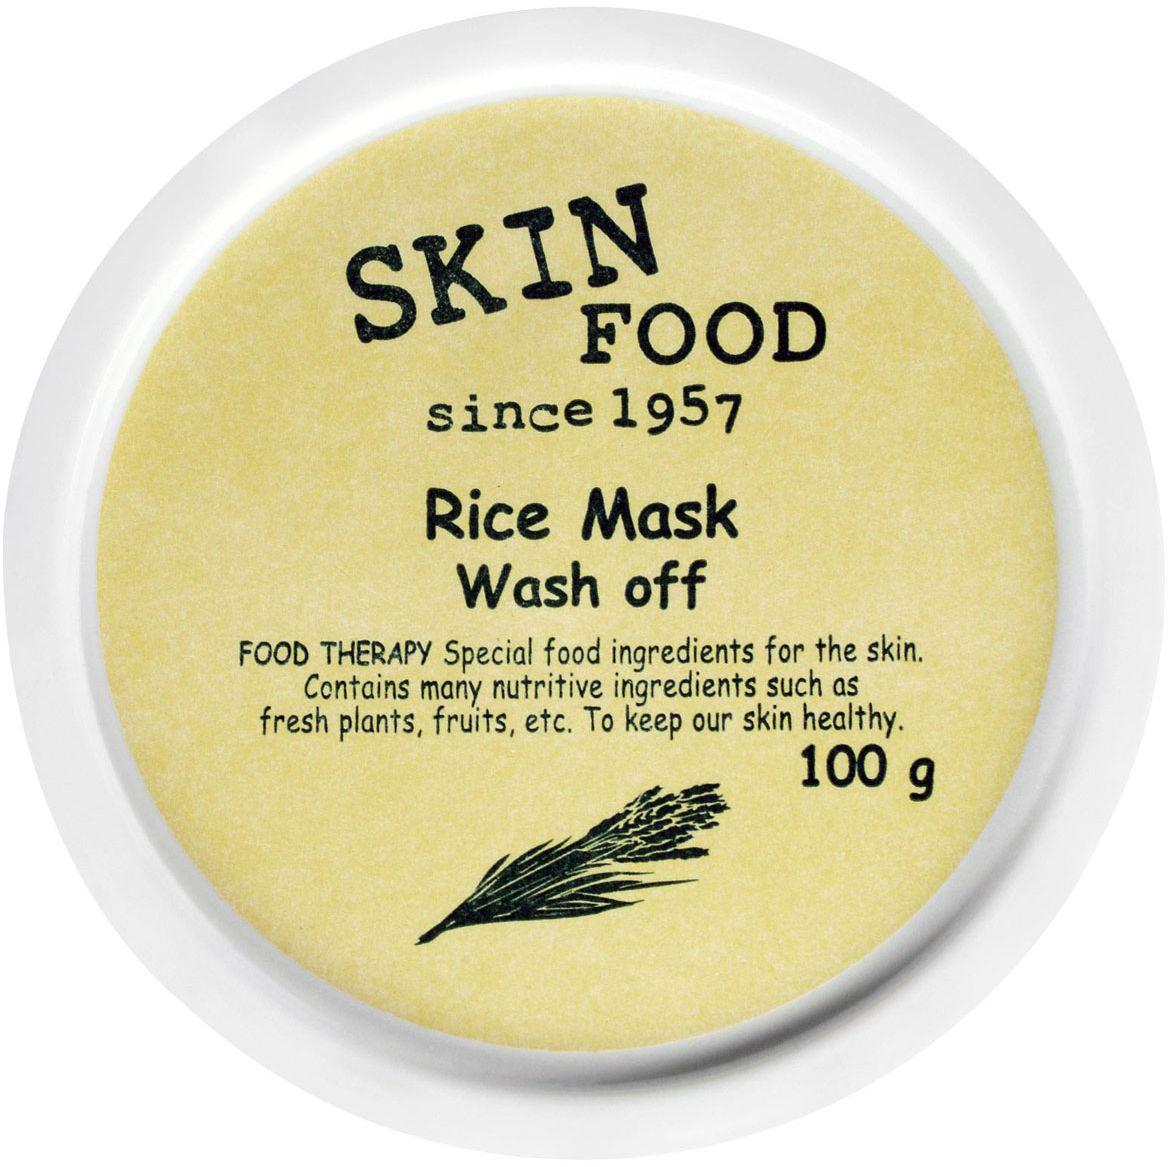 Skinfood Rice Рисовая очищающая маска, 100 грУТ-00000303Питательная маска с экстрактом риса для деликатного очищения пор и смягчения кожи, с молочным ароматом и плотной консистенцией, благодаря чему оказывает массажное действие и разглаживает структуру кожи. Содержит микроабразивные частички, очищая кожу от омертвевших клеток, не повреждая ее. Экстракт риса увлажняет и питает, смягчает, отшелушивает и осветляет.